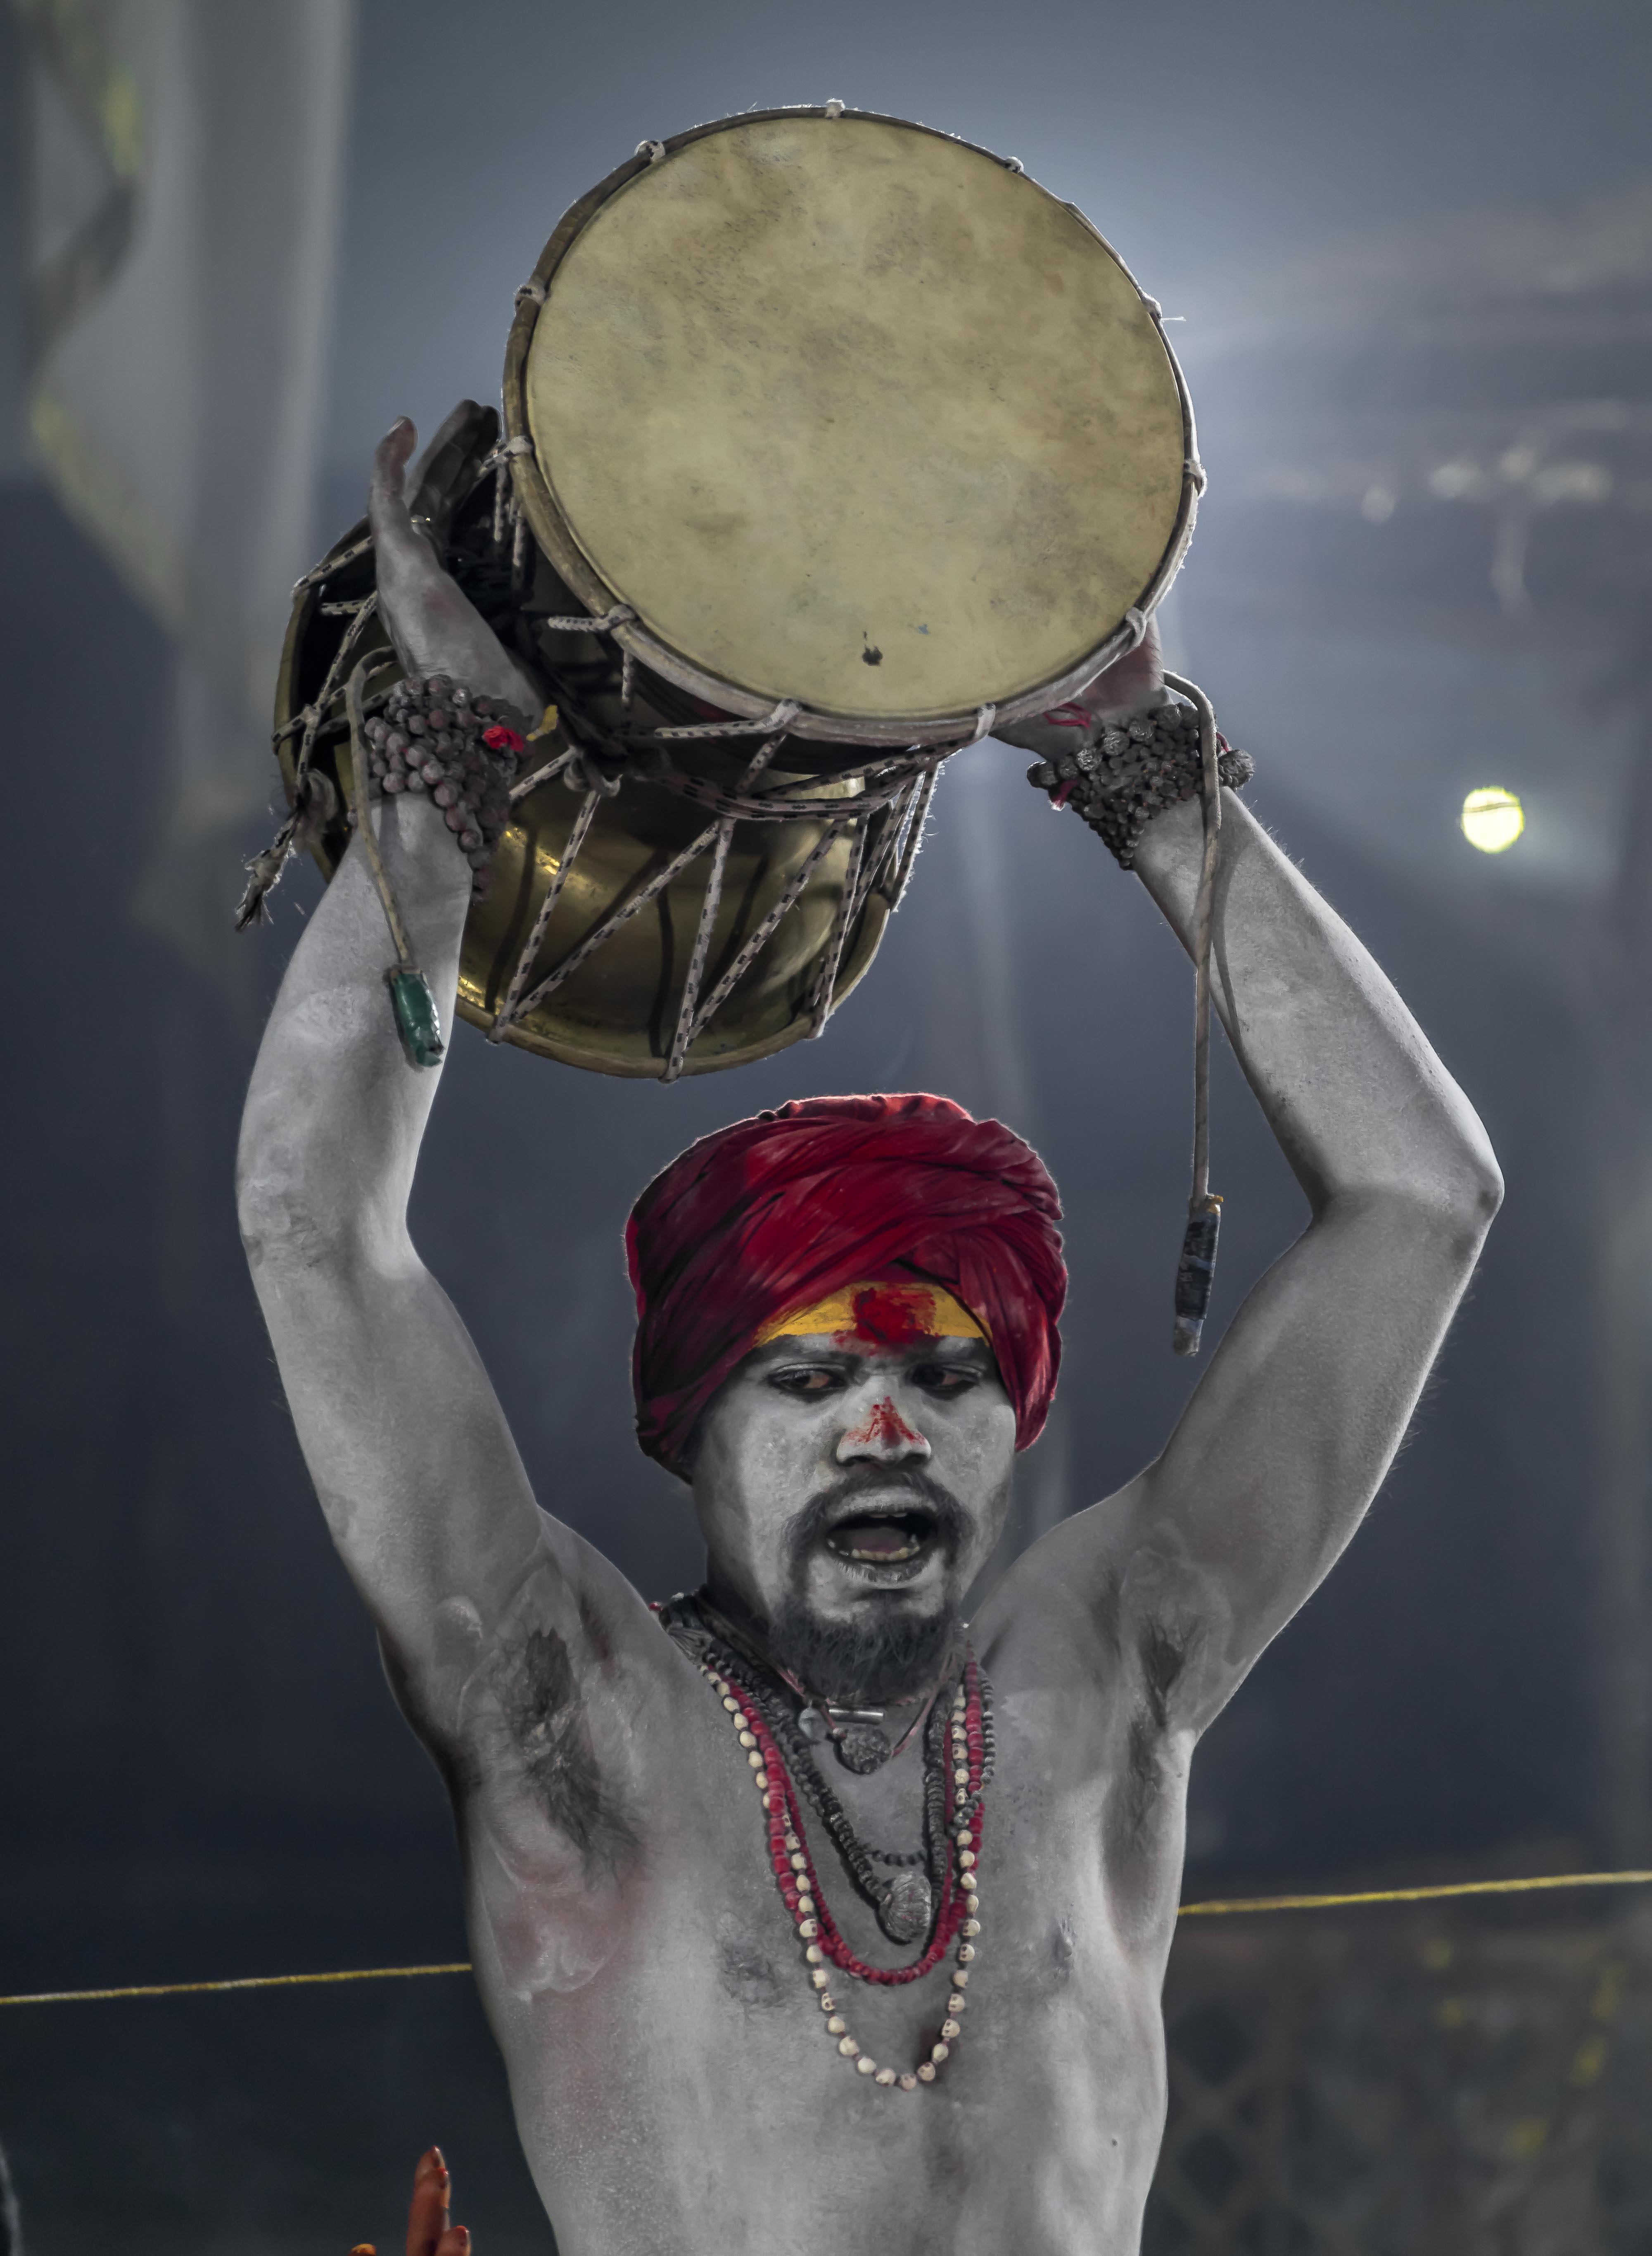 Naga Sadhu Kumbh Mela 2Ghumakkar